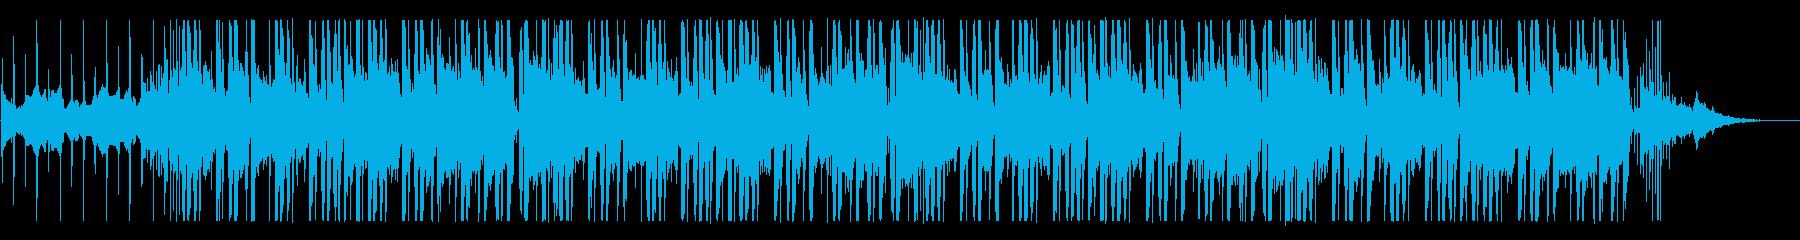 シンセブラスとソウルフルな雰囲気R&B の再生済みの波形